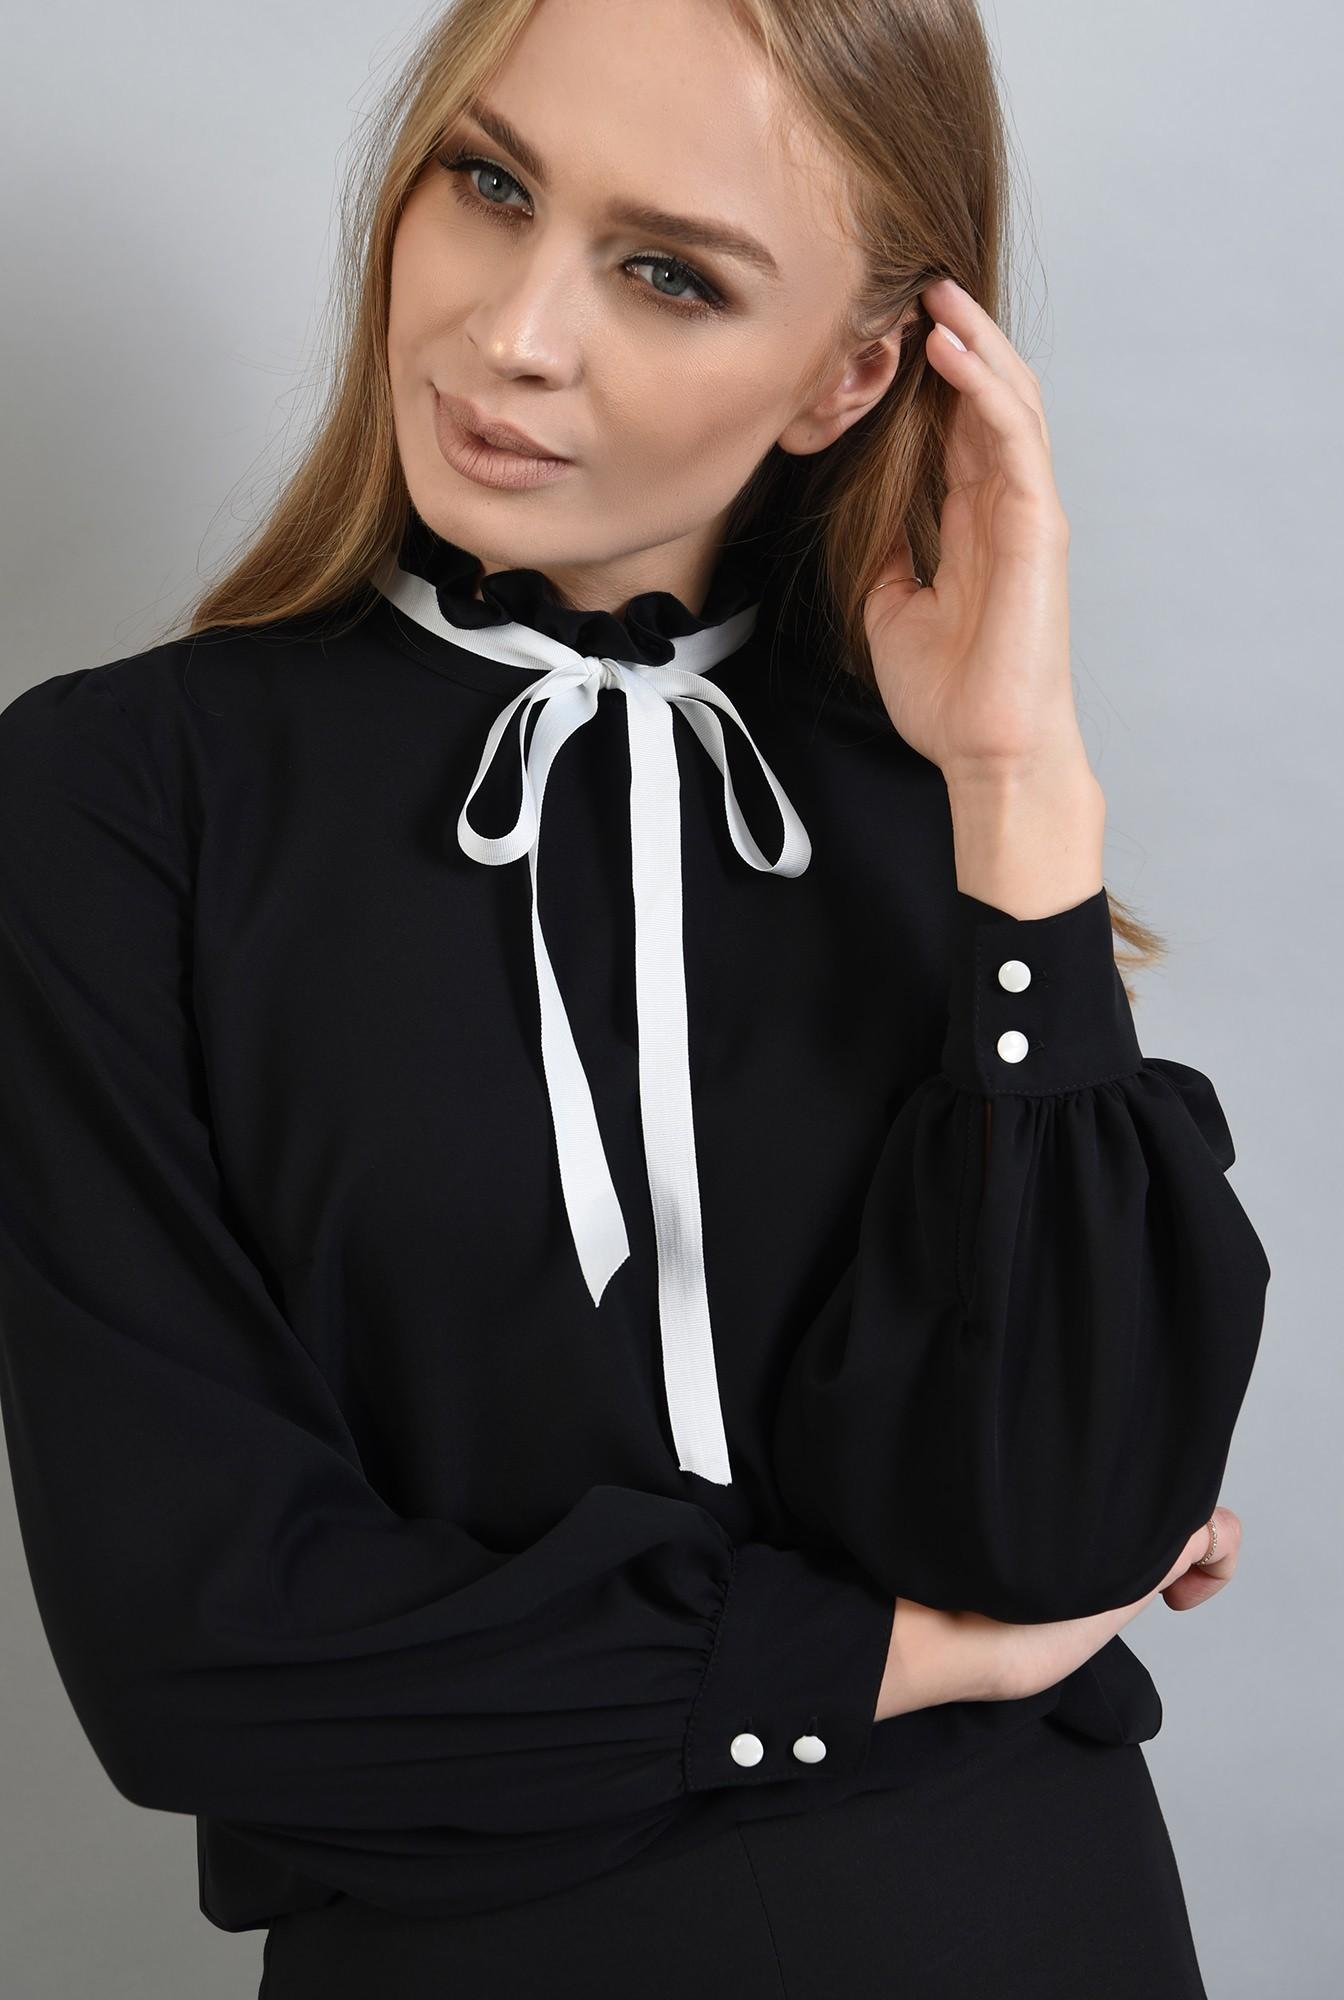 2 - bluza neagra, cu guler inalt, cu funda alba